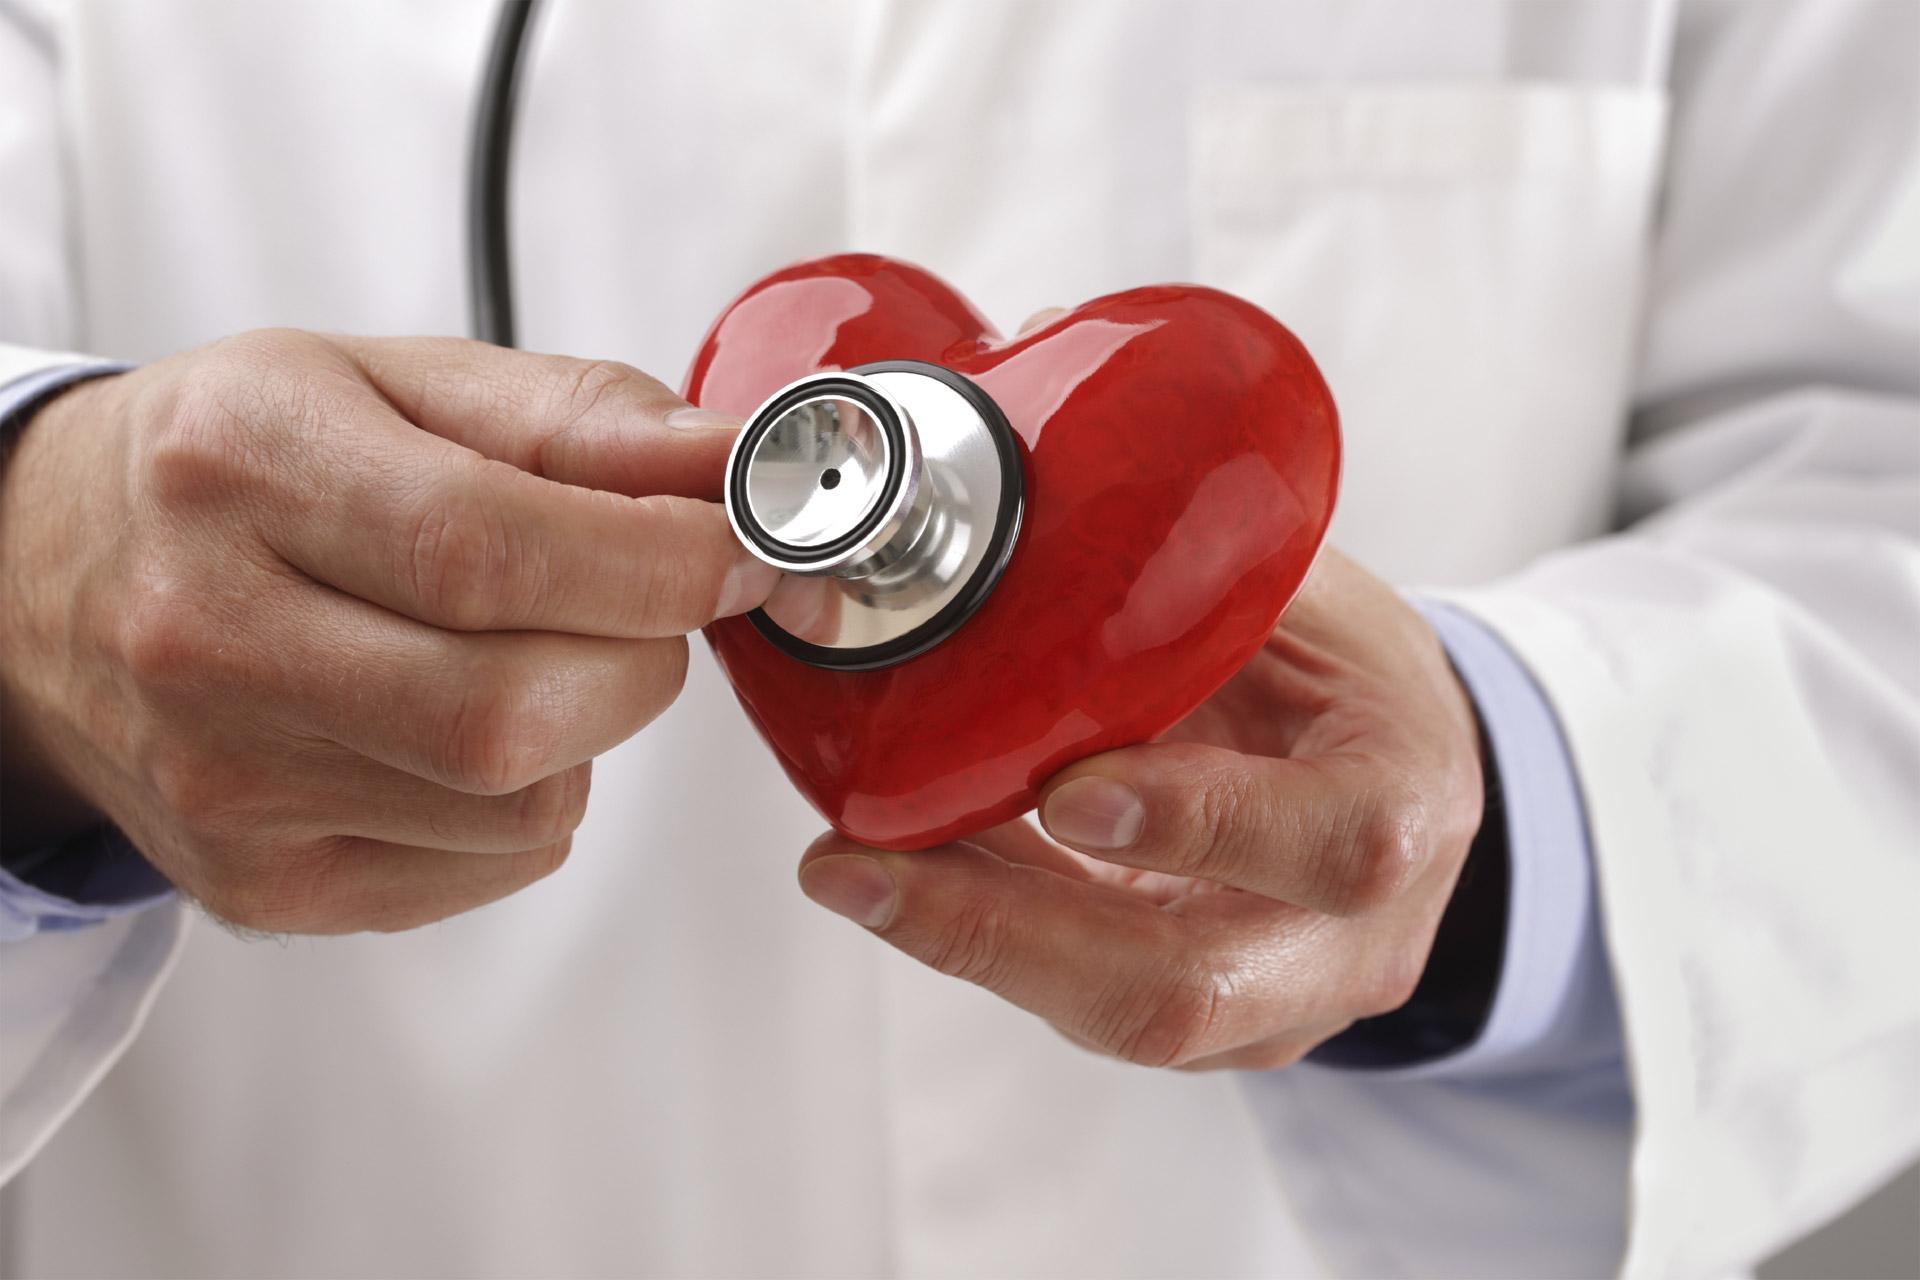 Heartkeeper optimiza el control y la gestión de enfermedades cardíacas